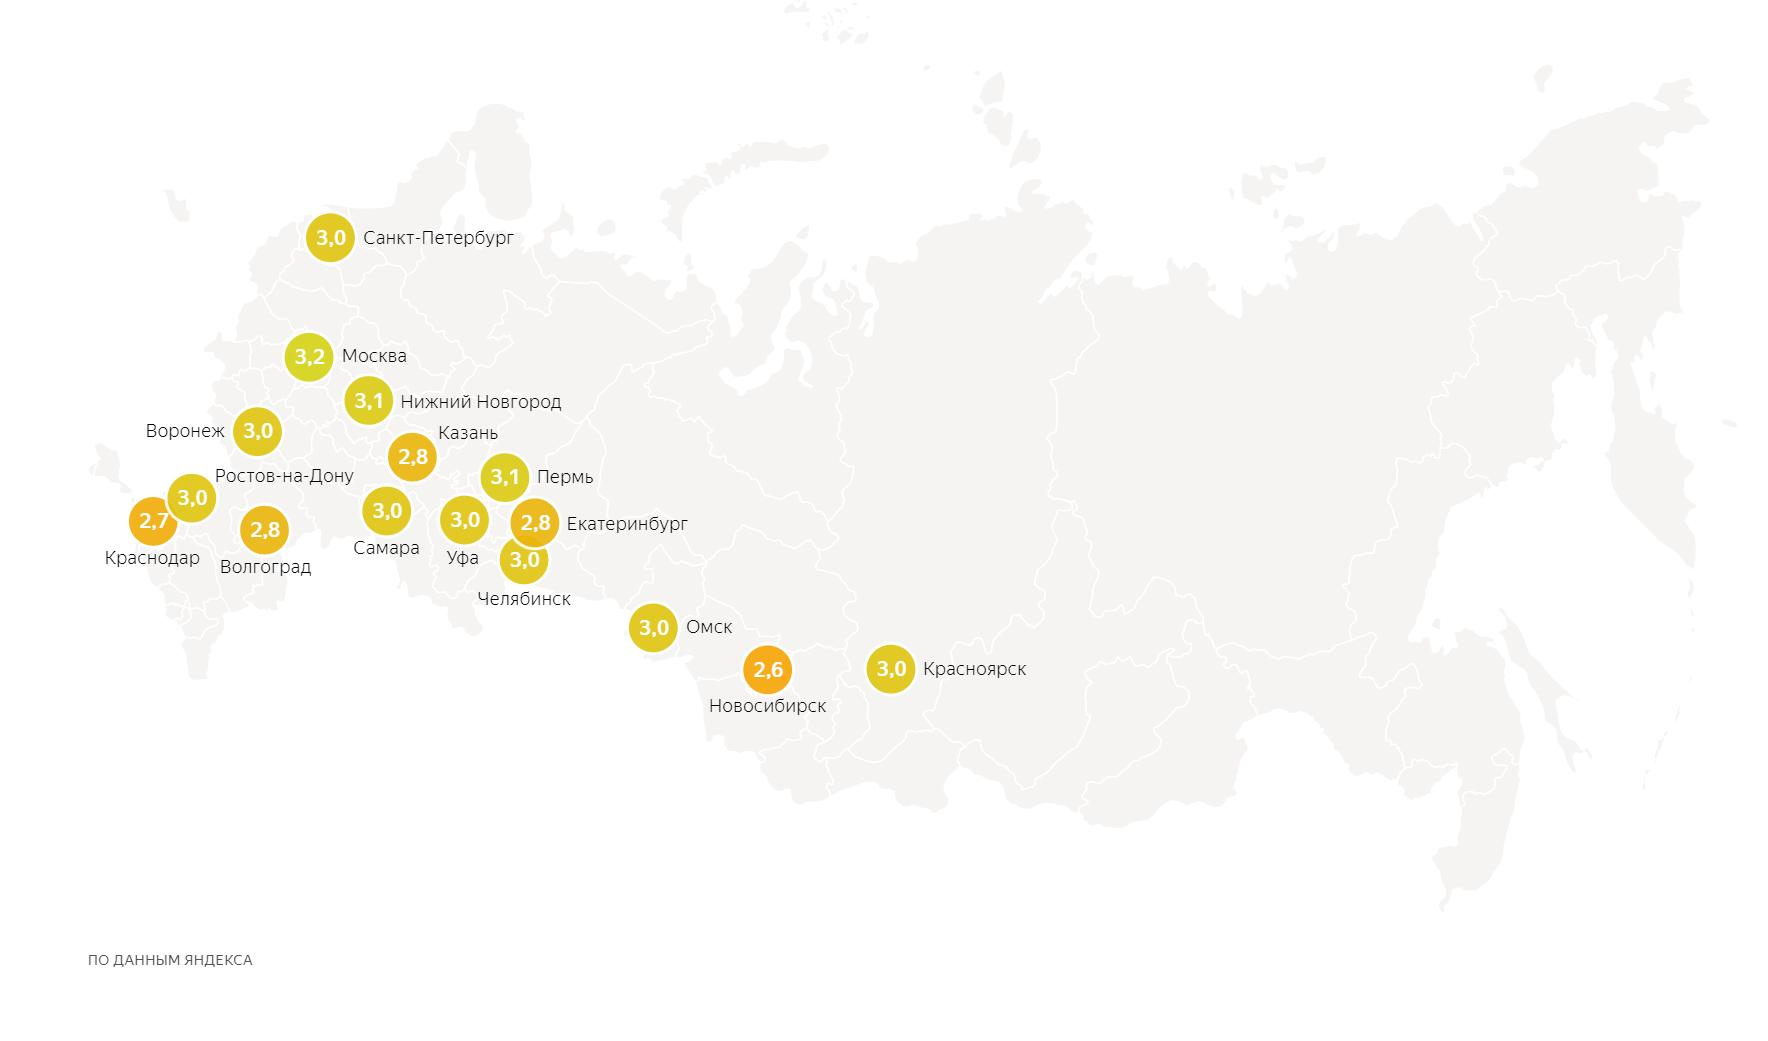 Яндекс оценил уровень самоизоляции вовремя карантина